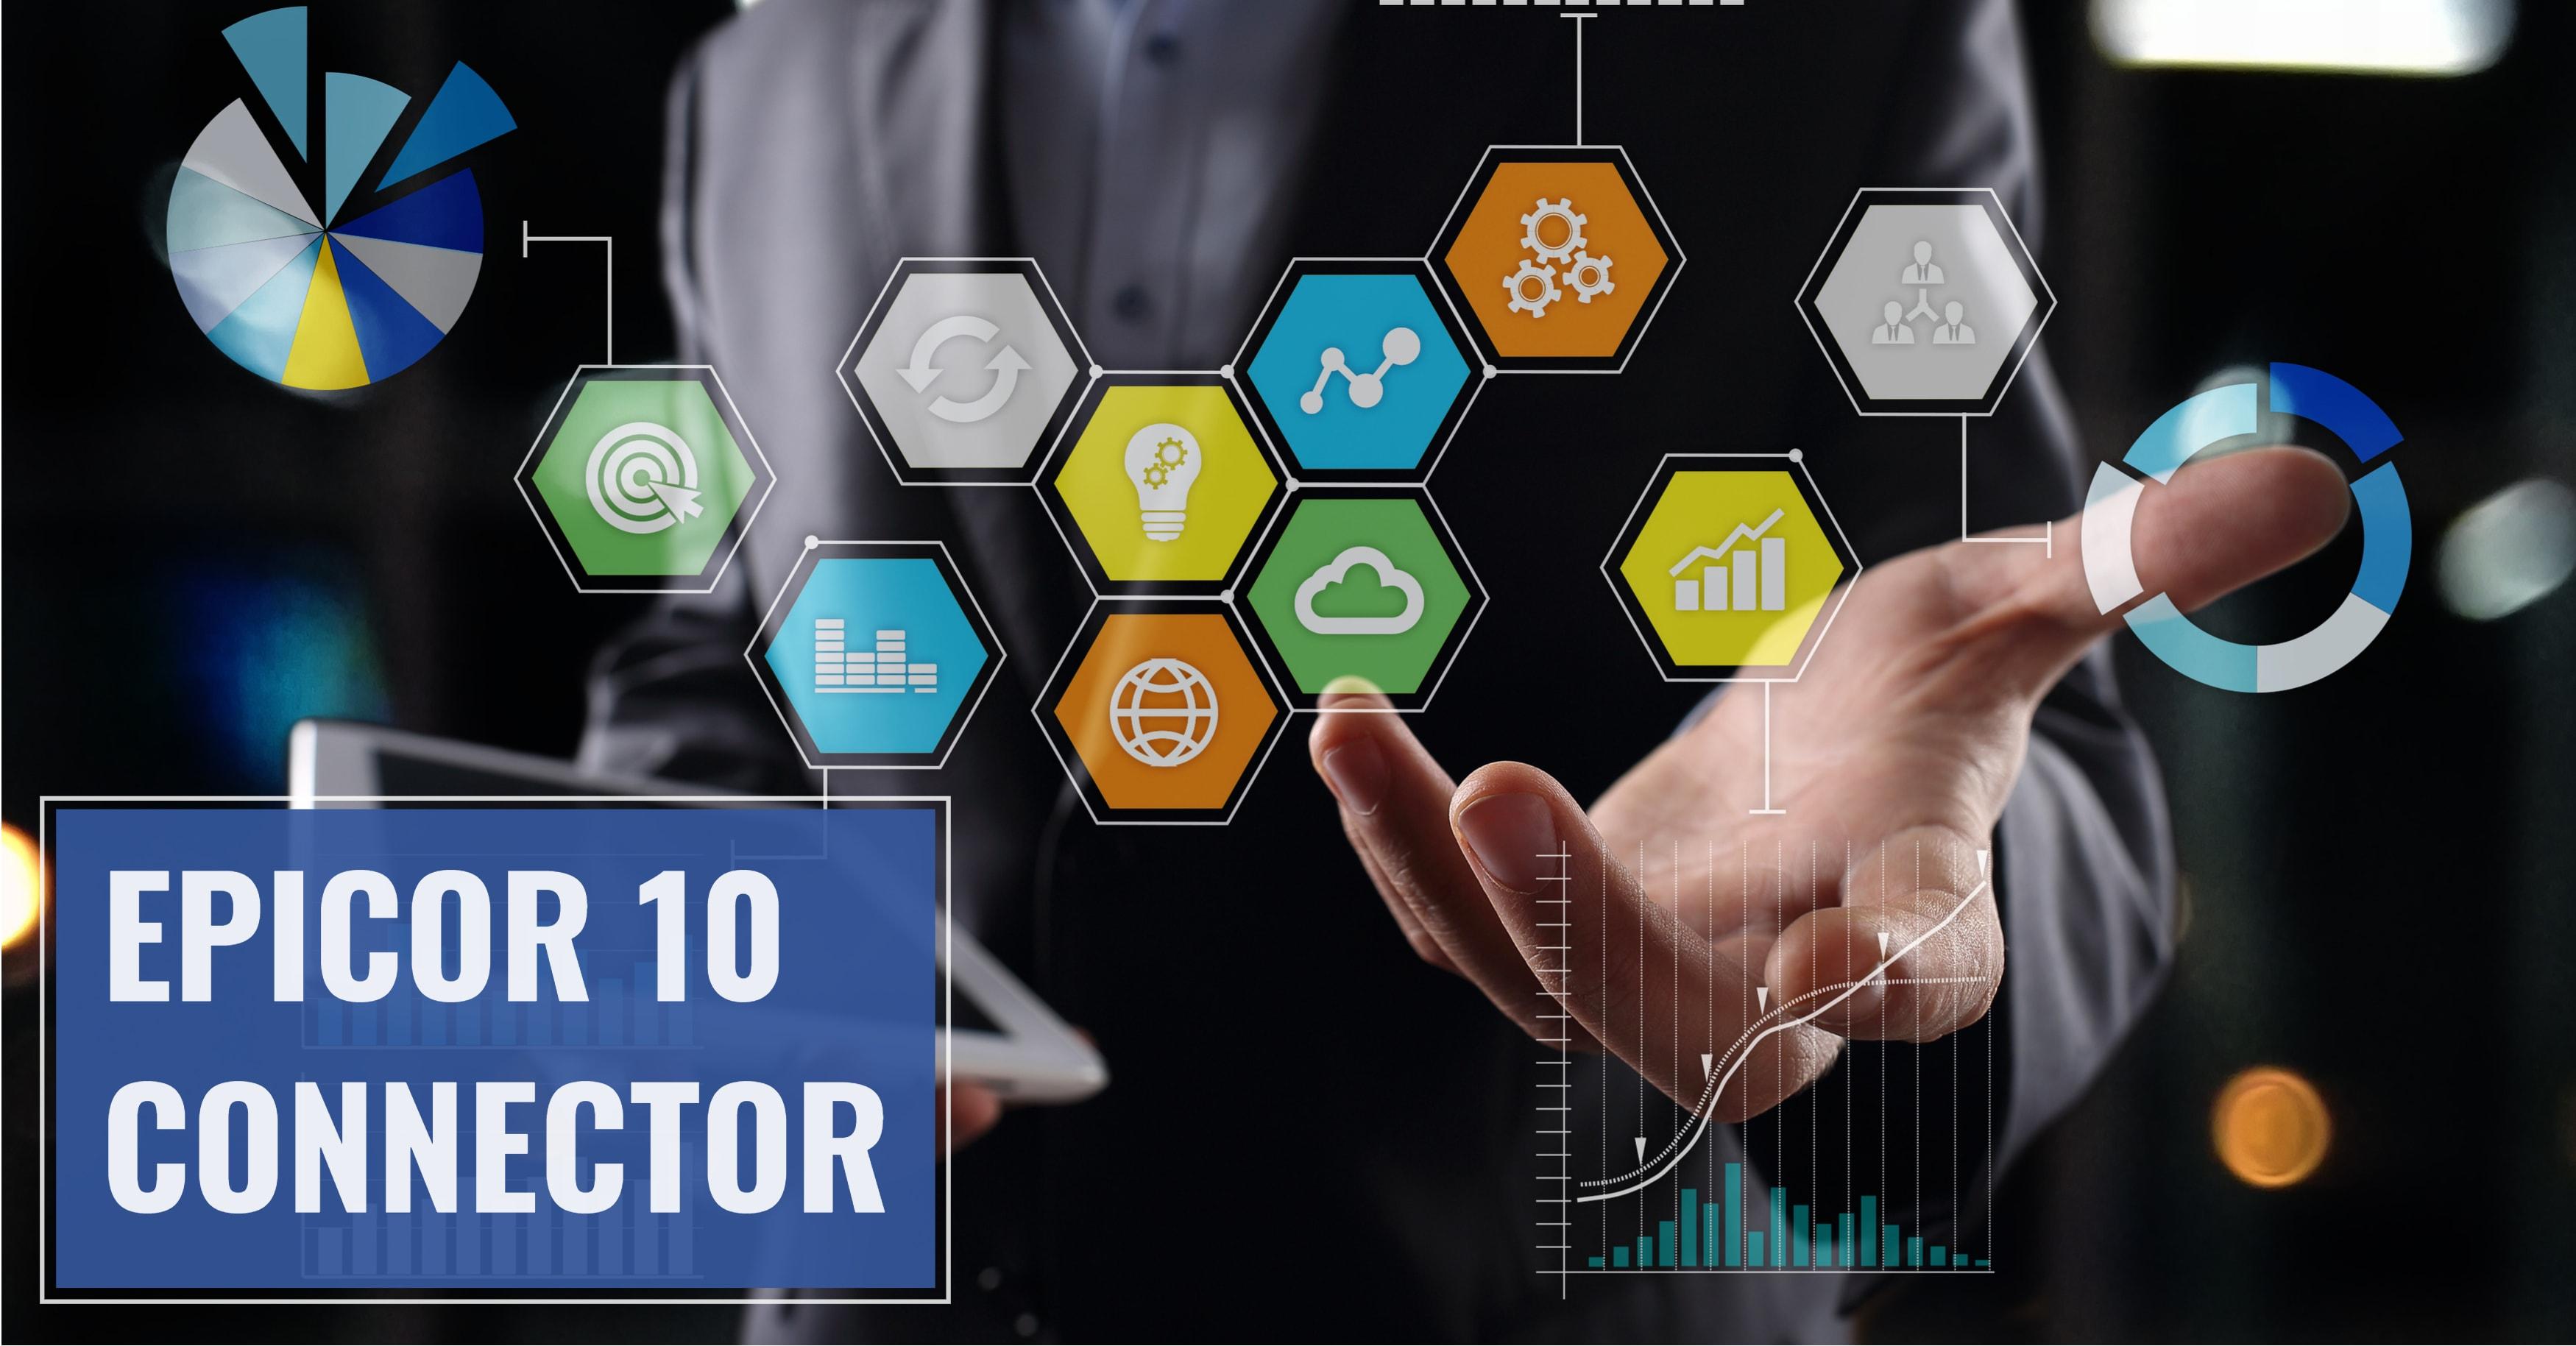 Epicor ERP 10 Connector